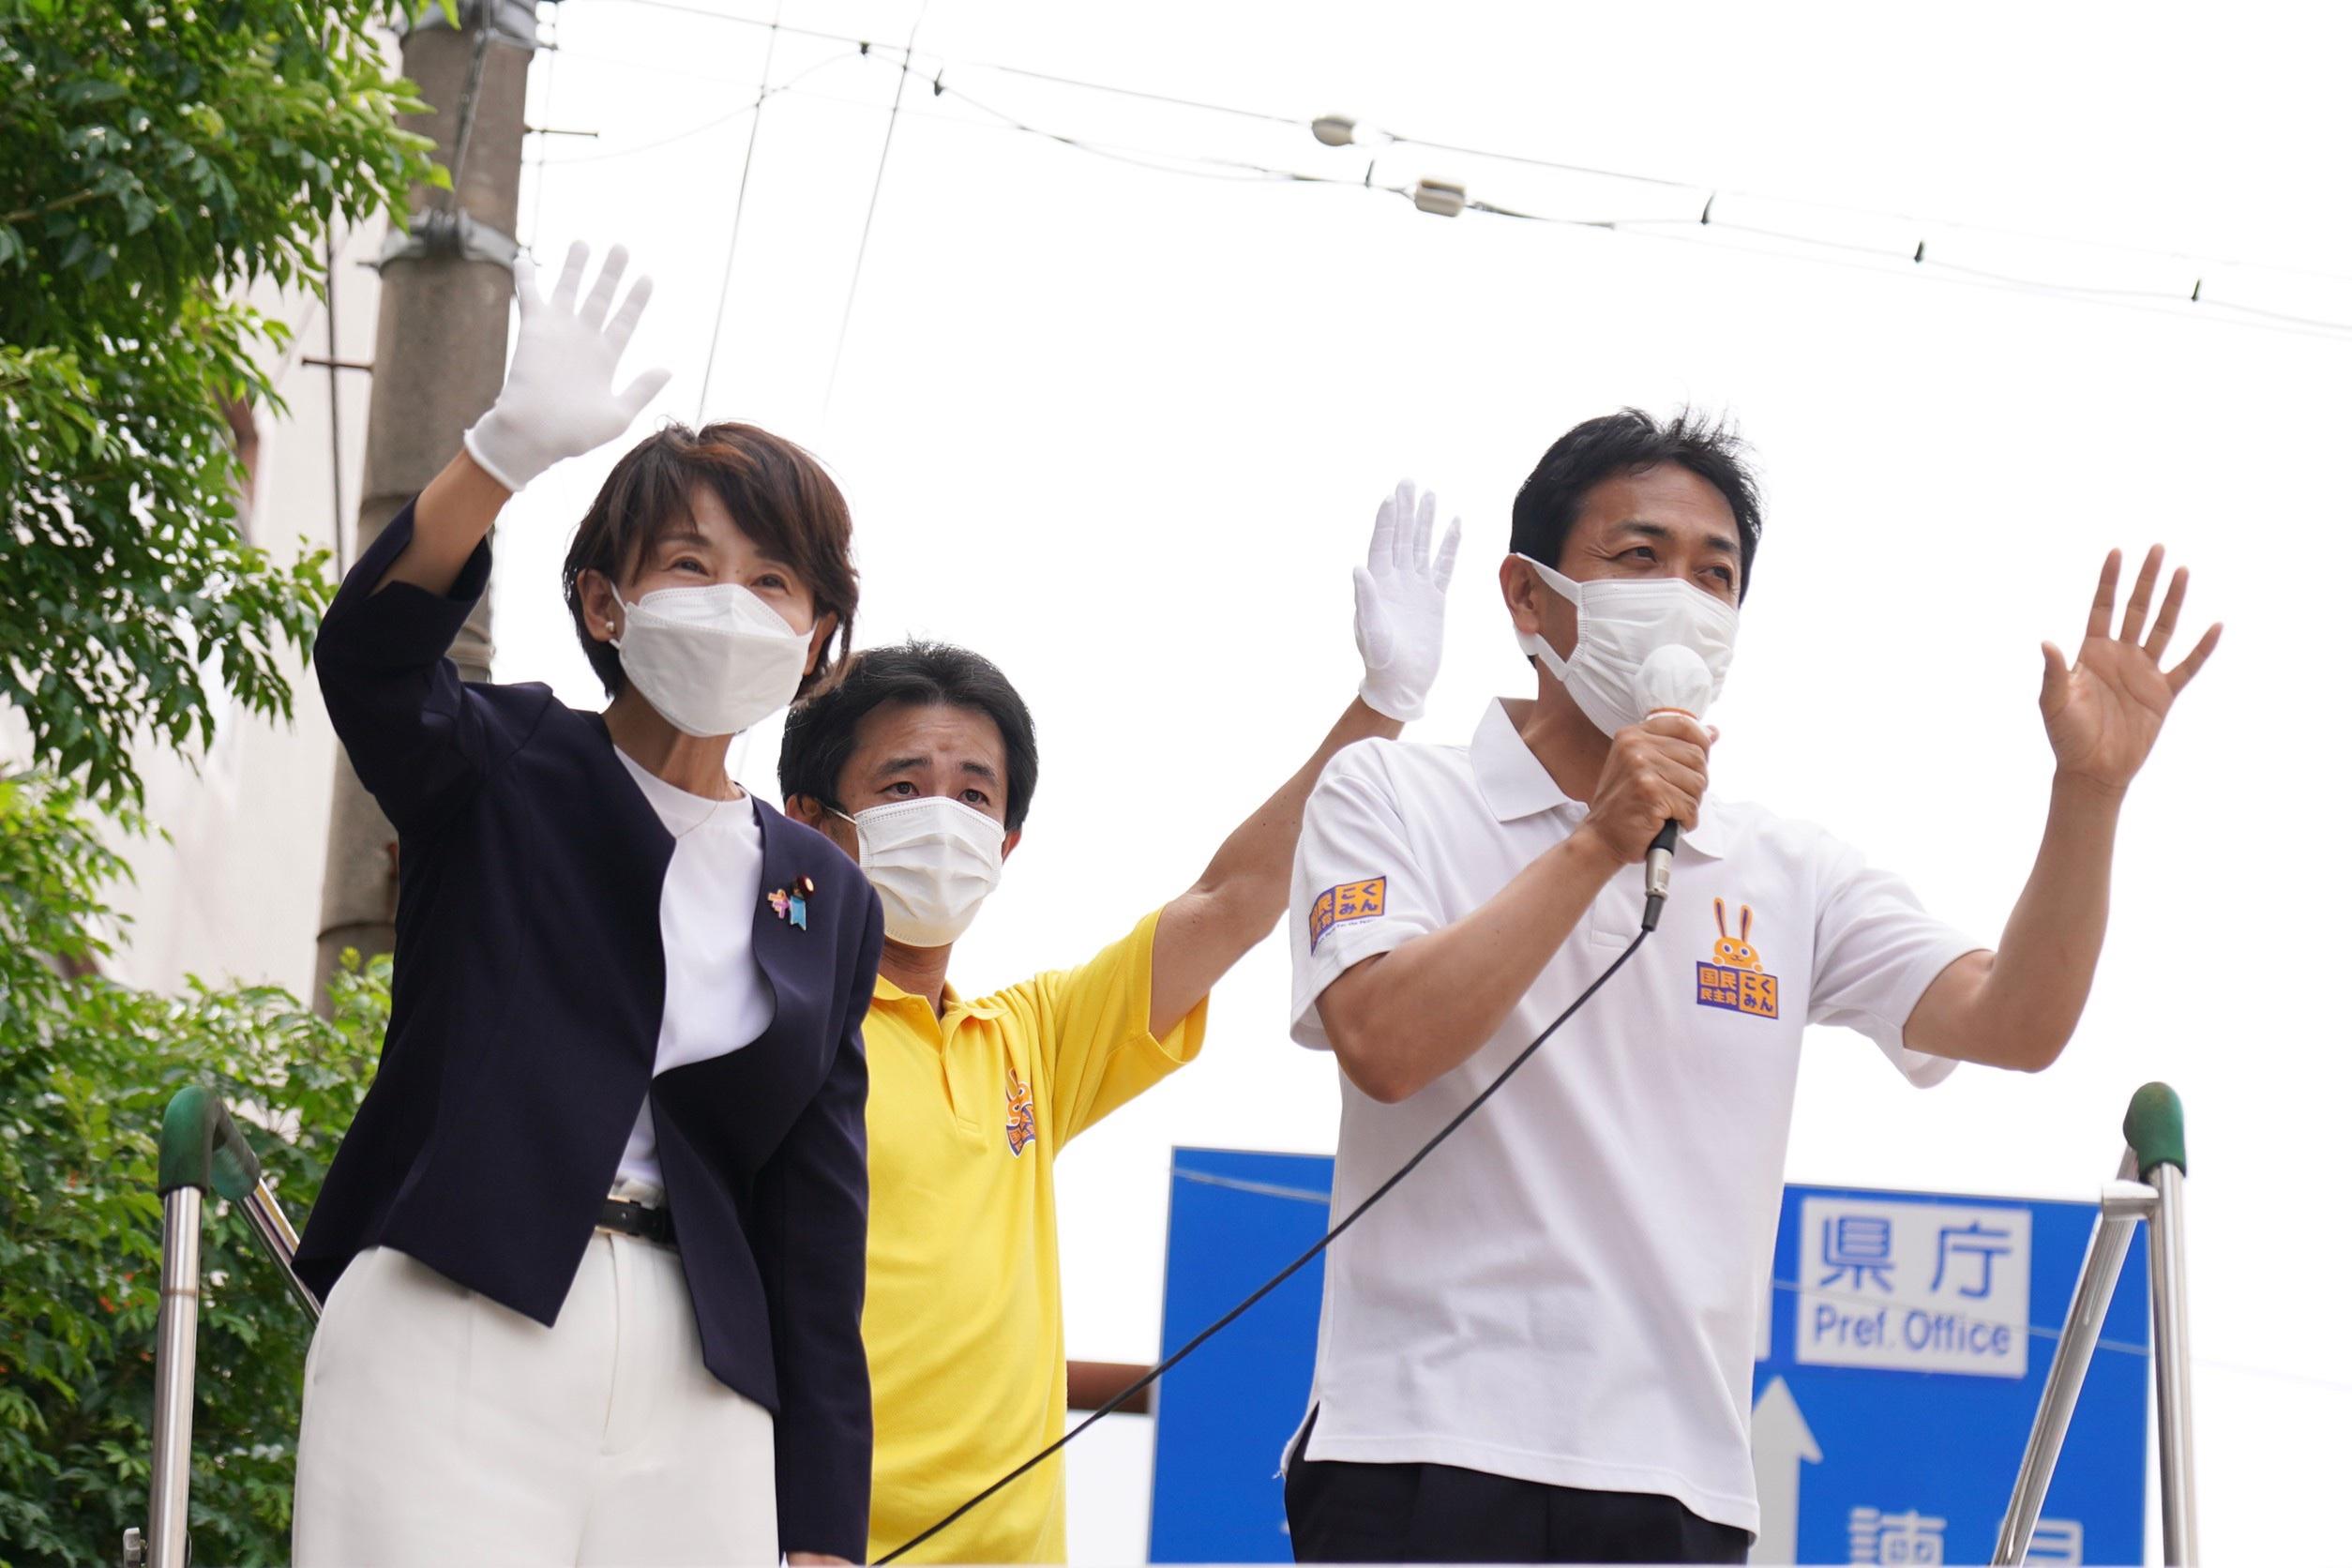 【長崎】「正直な政治、国民に寄り添う政治に変えていく」玉木代表が西岡議員と街頭演説